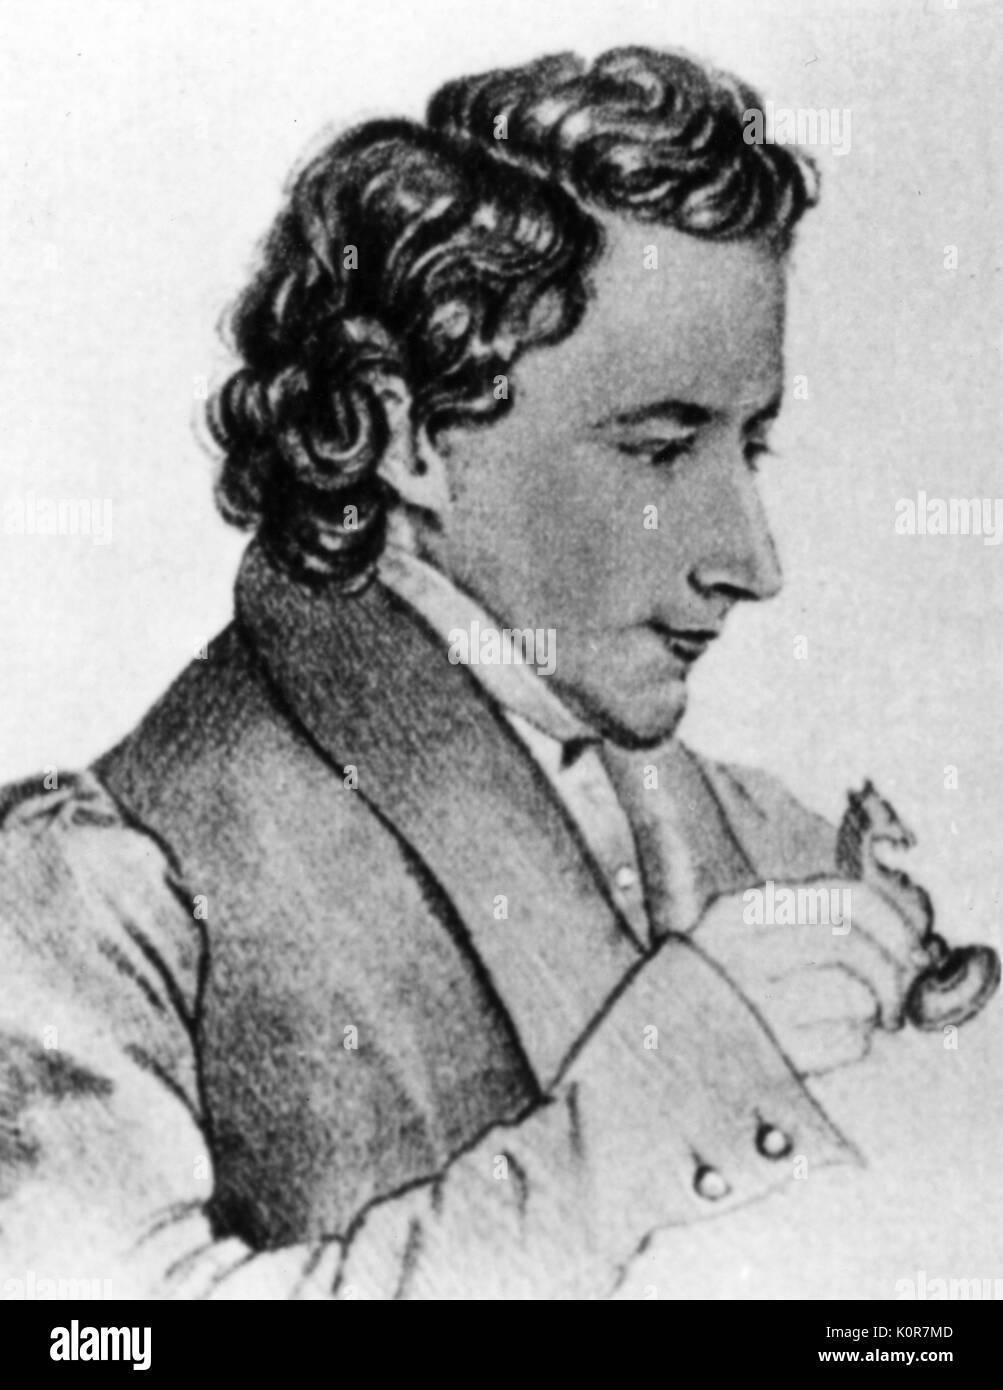 KENNER, Josef   by Max von Chezy Friend of Schubert. - Stock Image